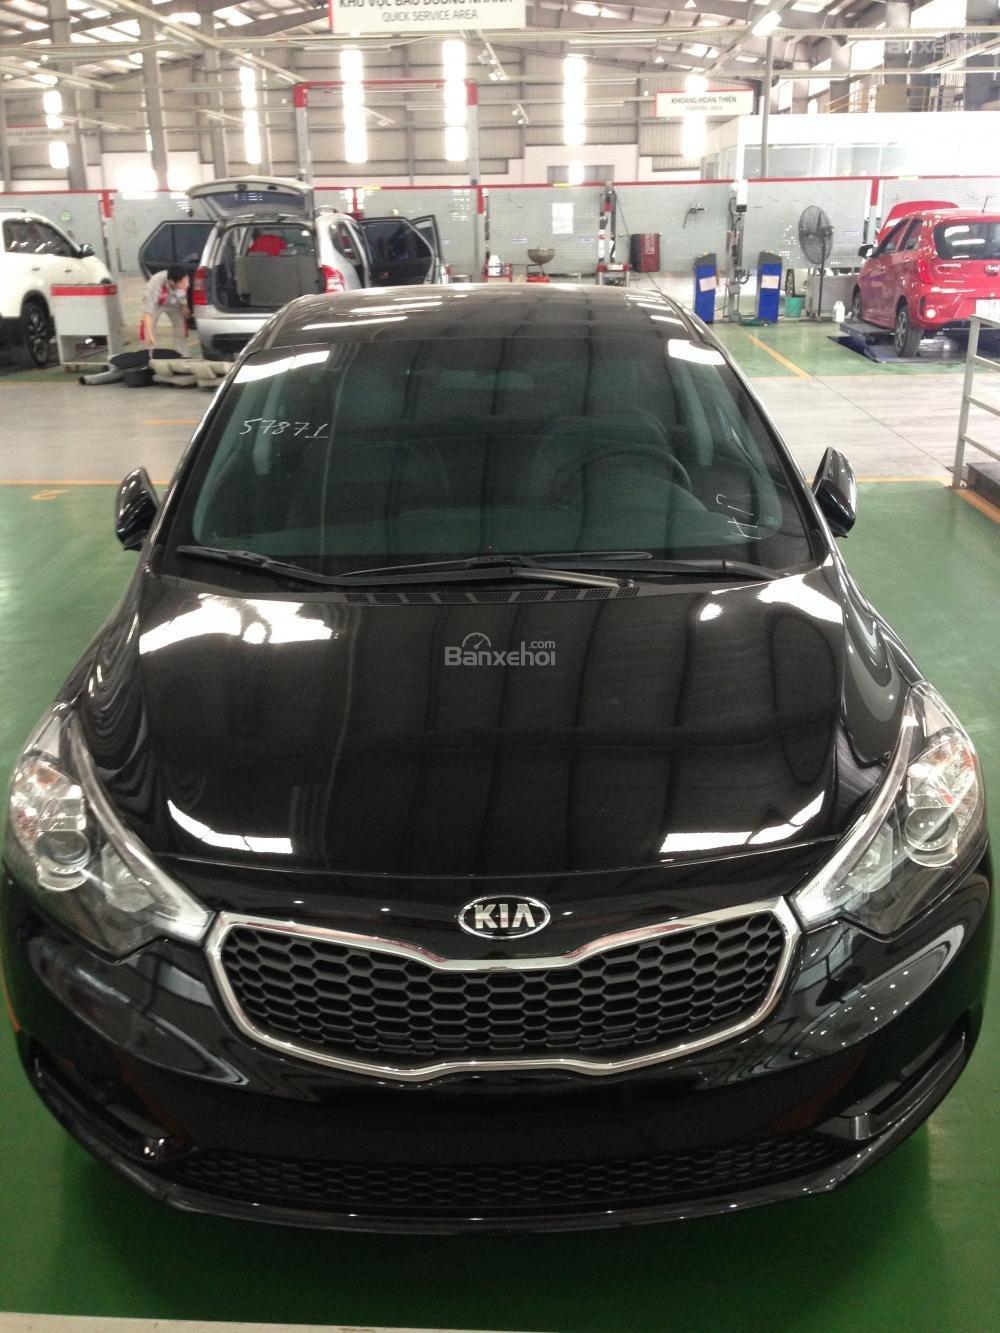 Bán xe Kia K3 1.6 đời 2015, màu đen, 657tr, hỗ trợ trả góp 70%-0